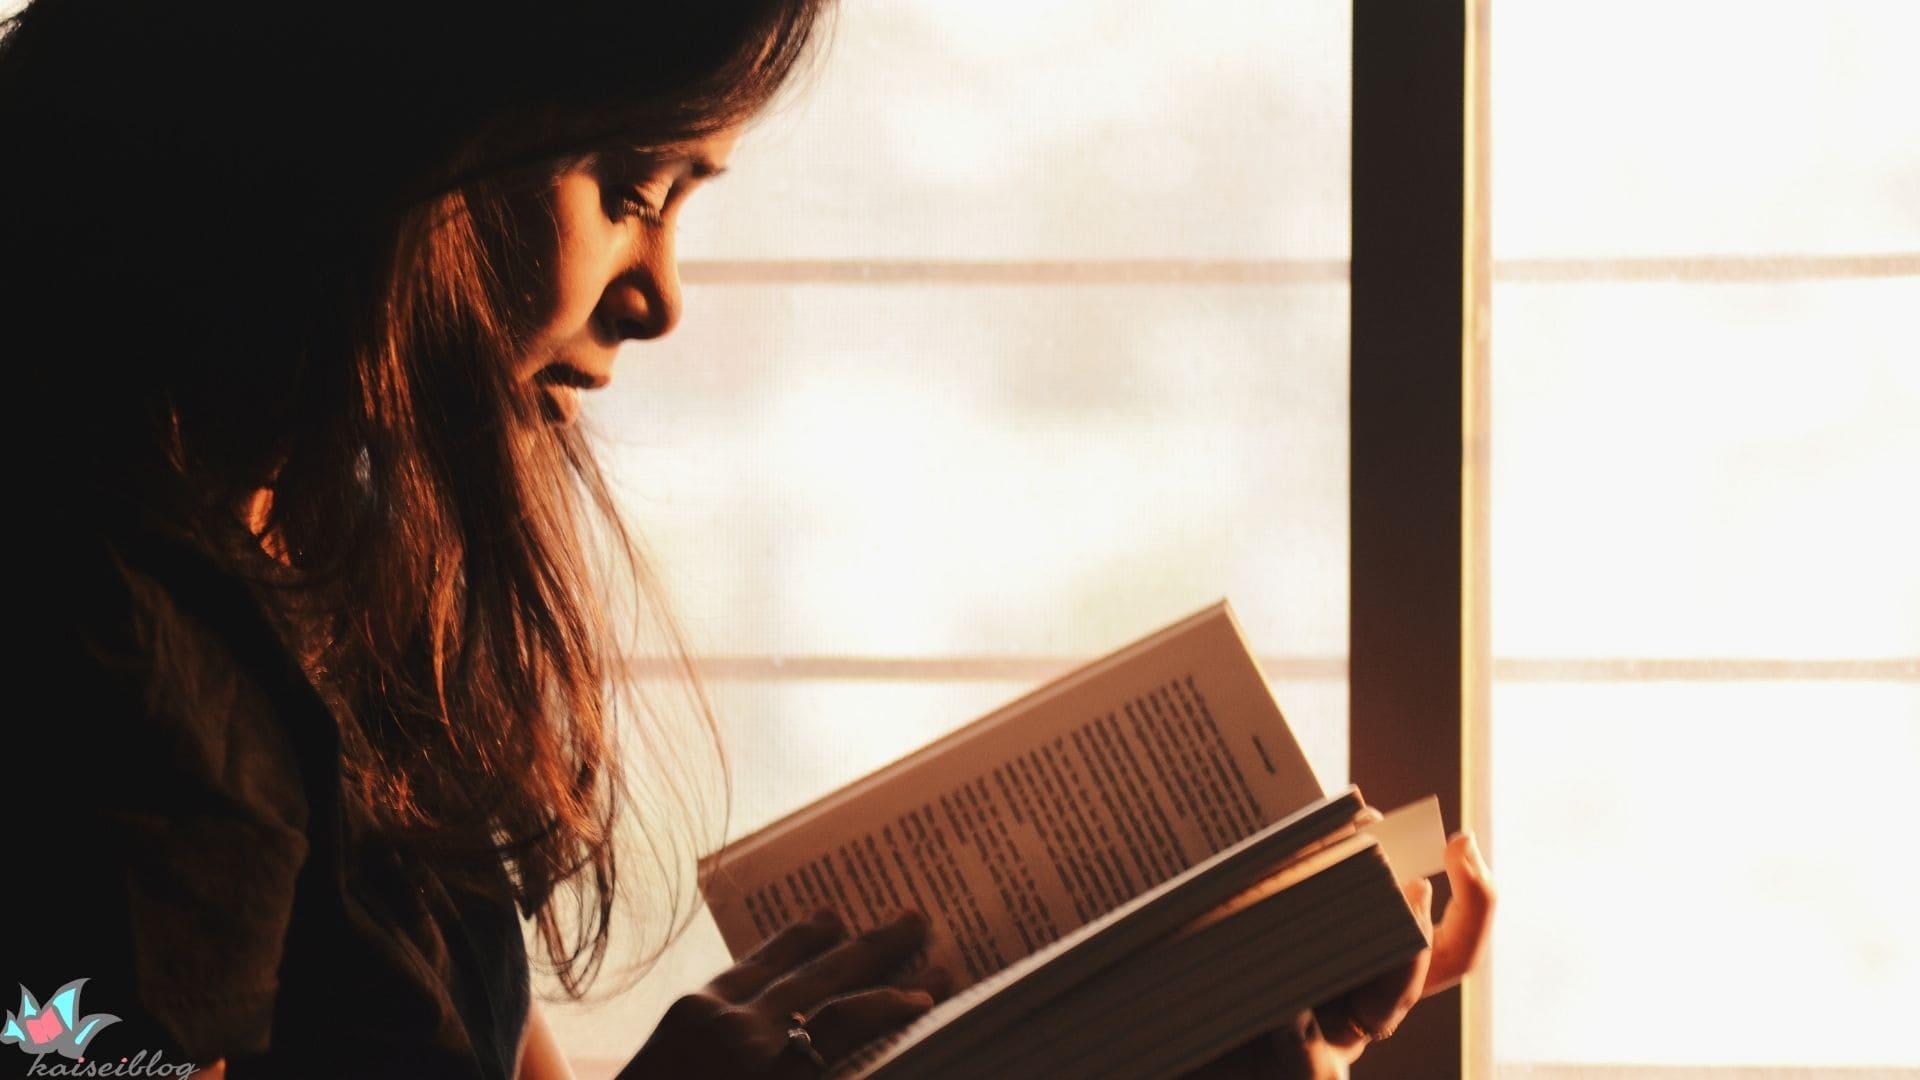 大学生 暇つぶし 読書